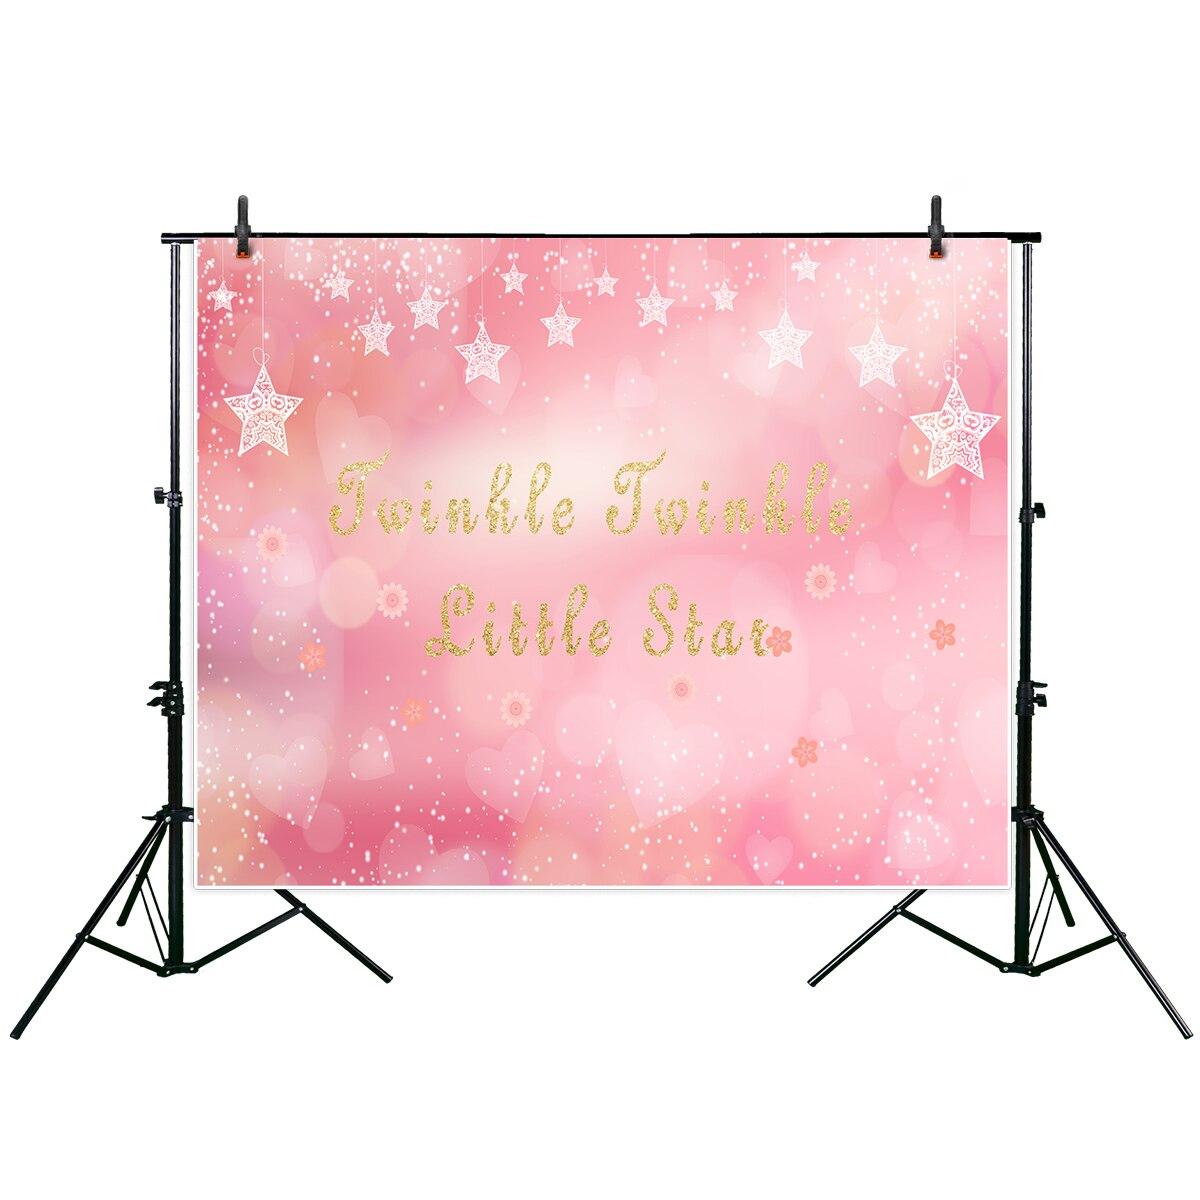 Allenjoy Twinkle Twinkle Little Star Photography Backdrop Pink